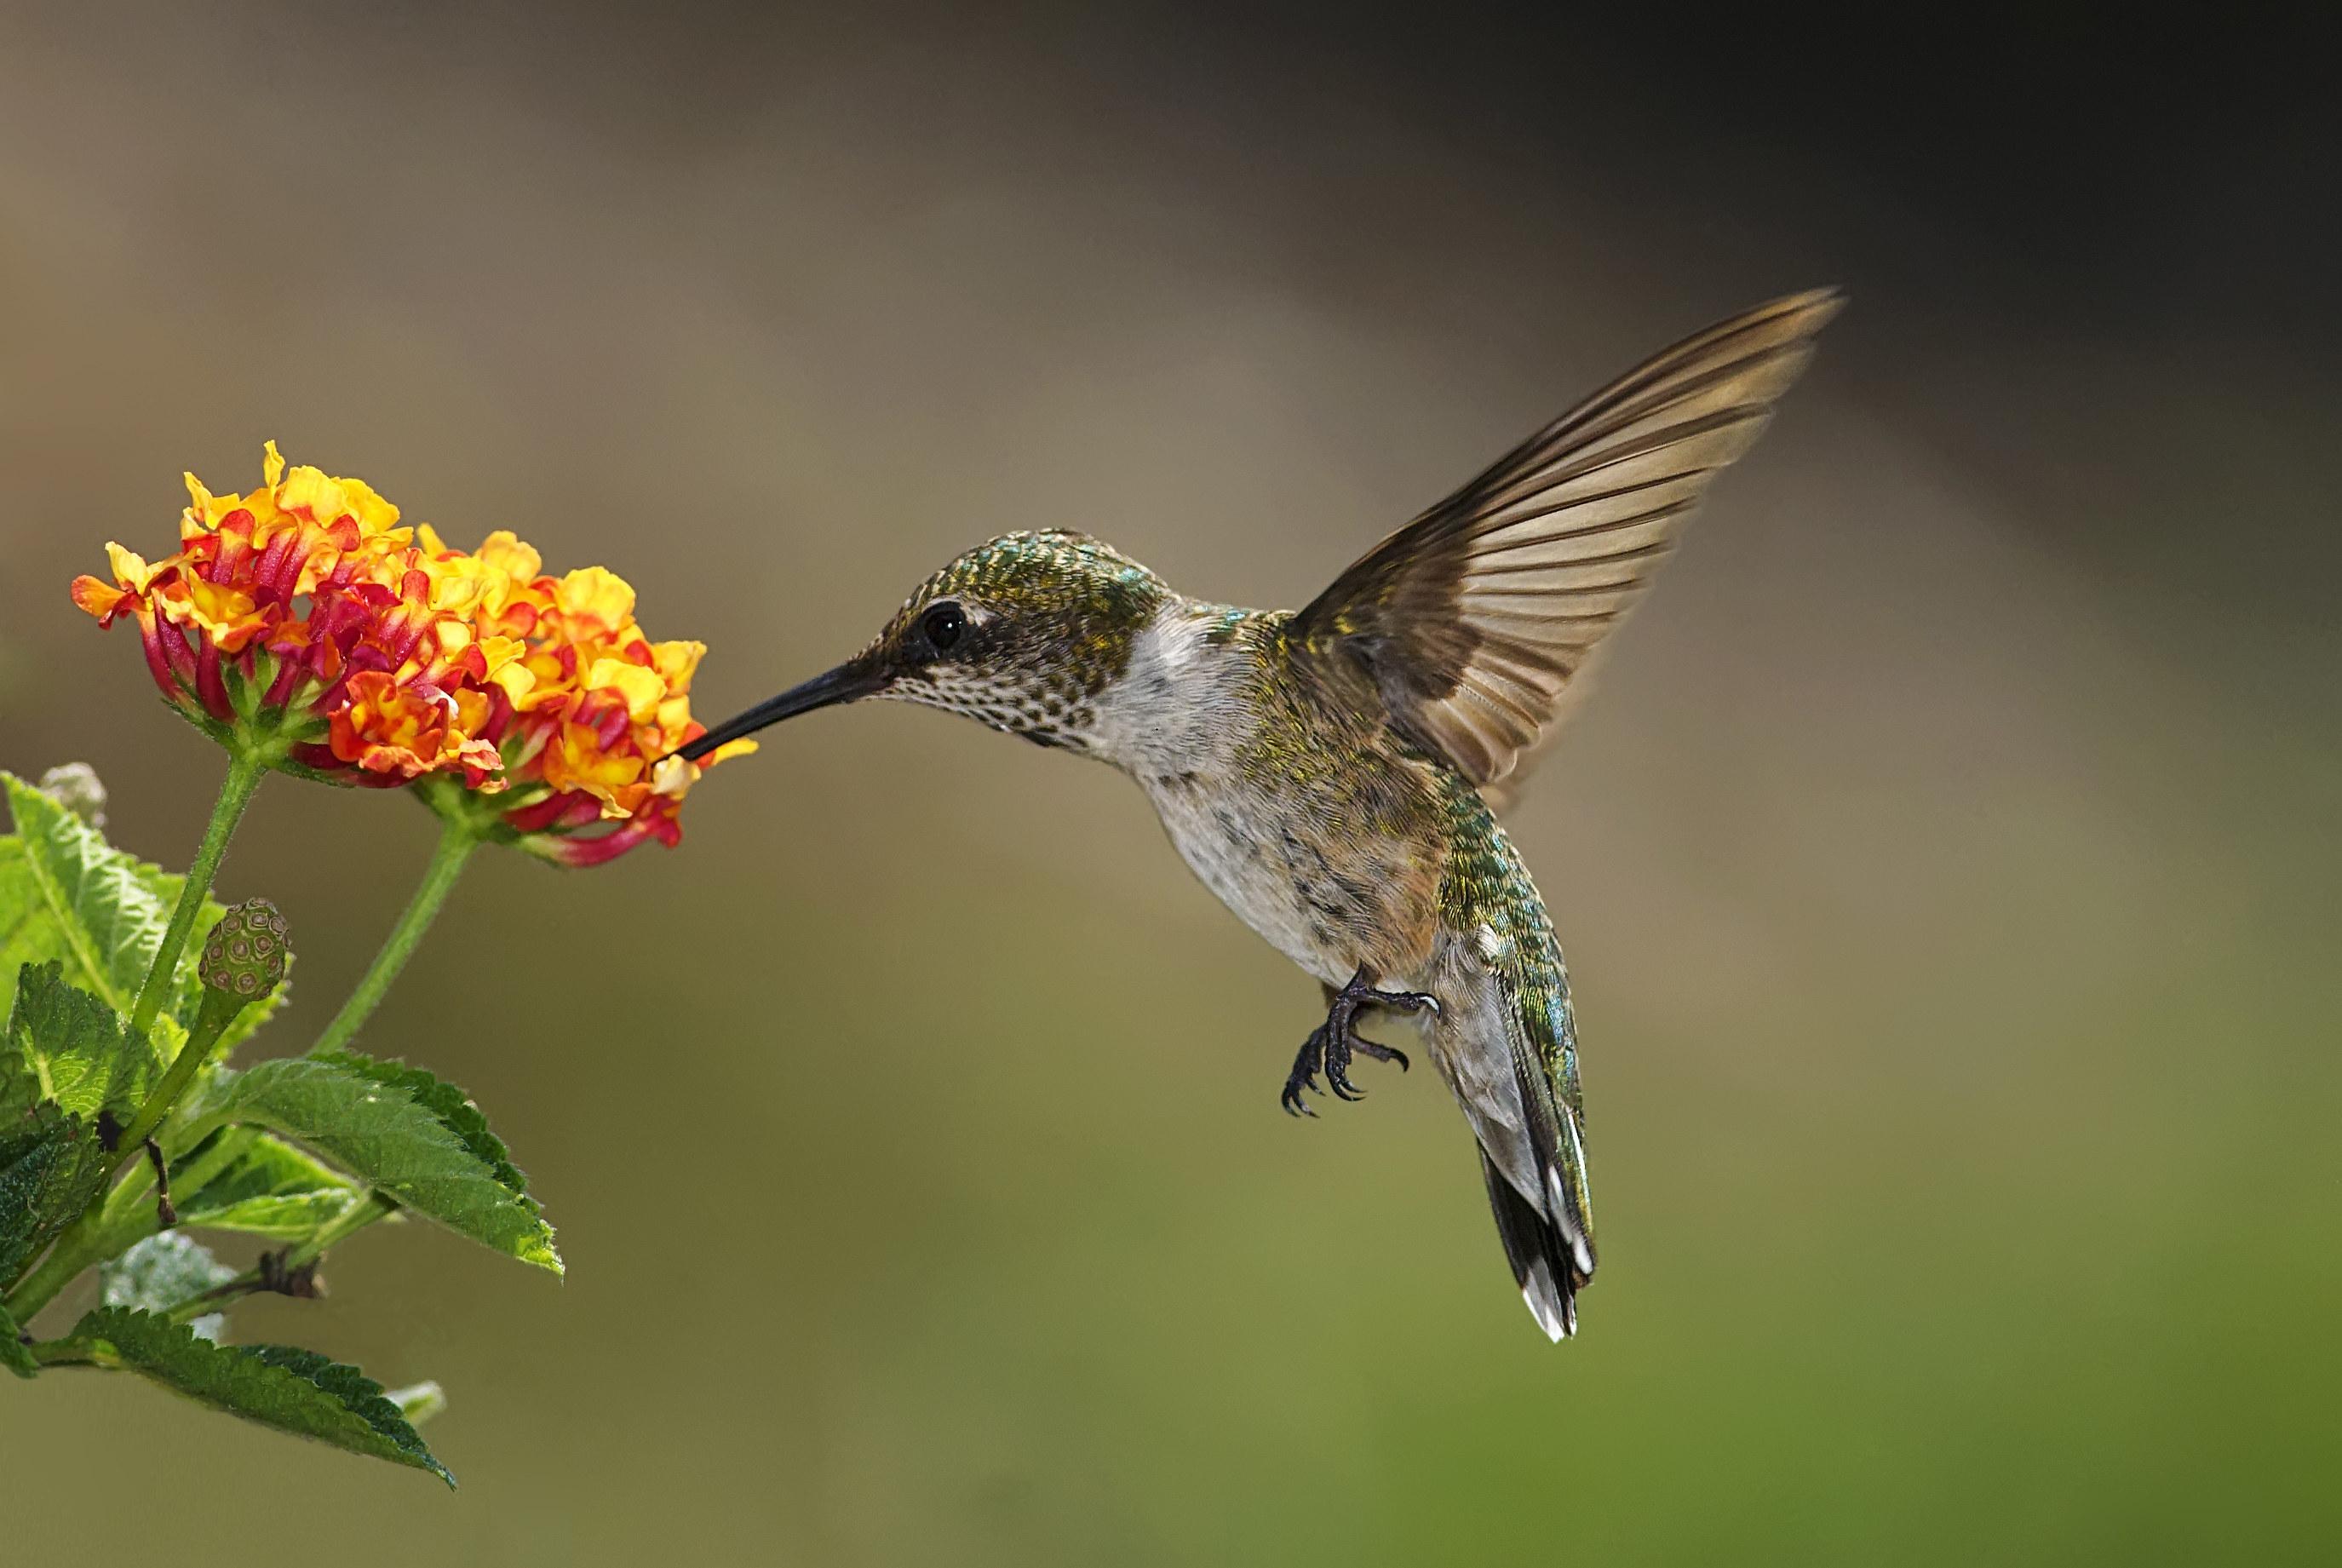 A hummingbird at a flower